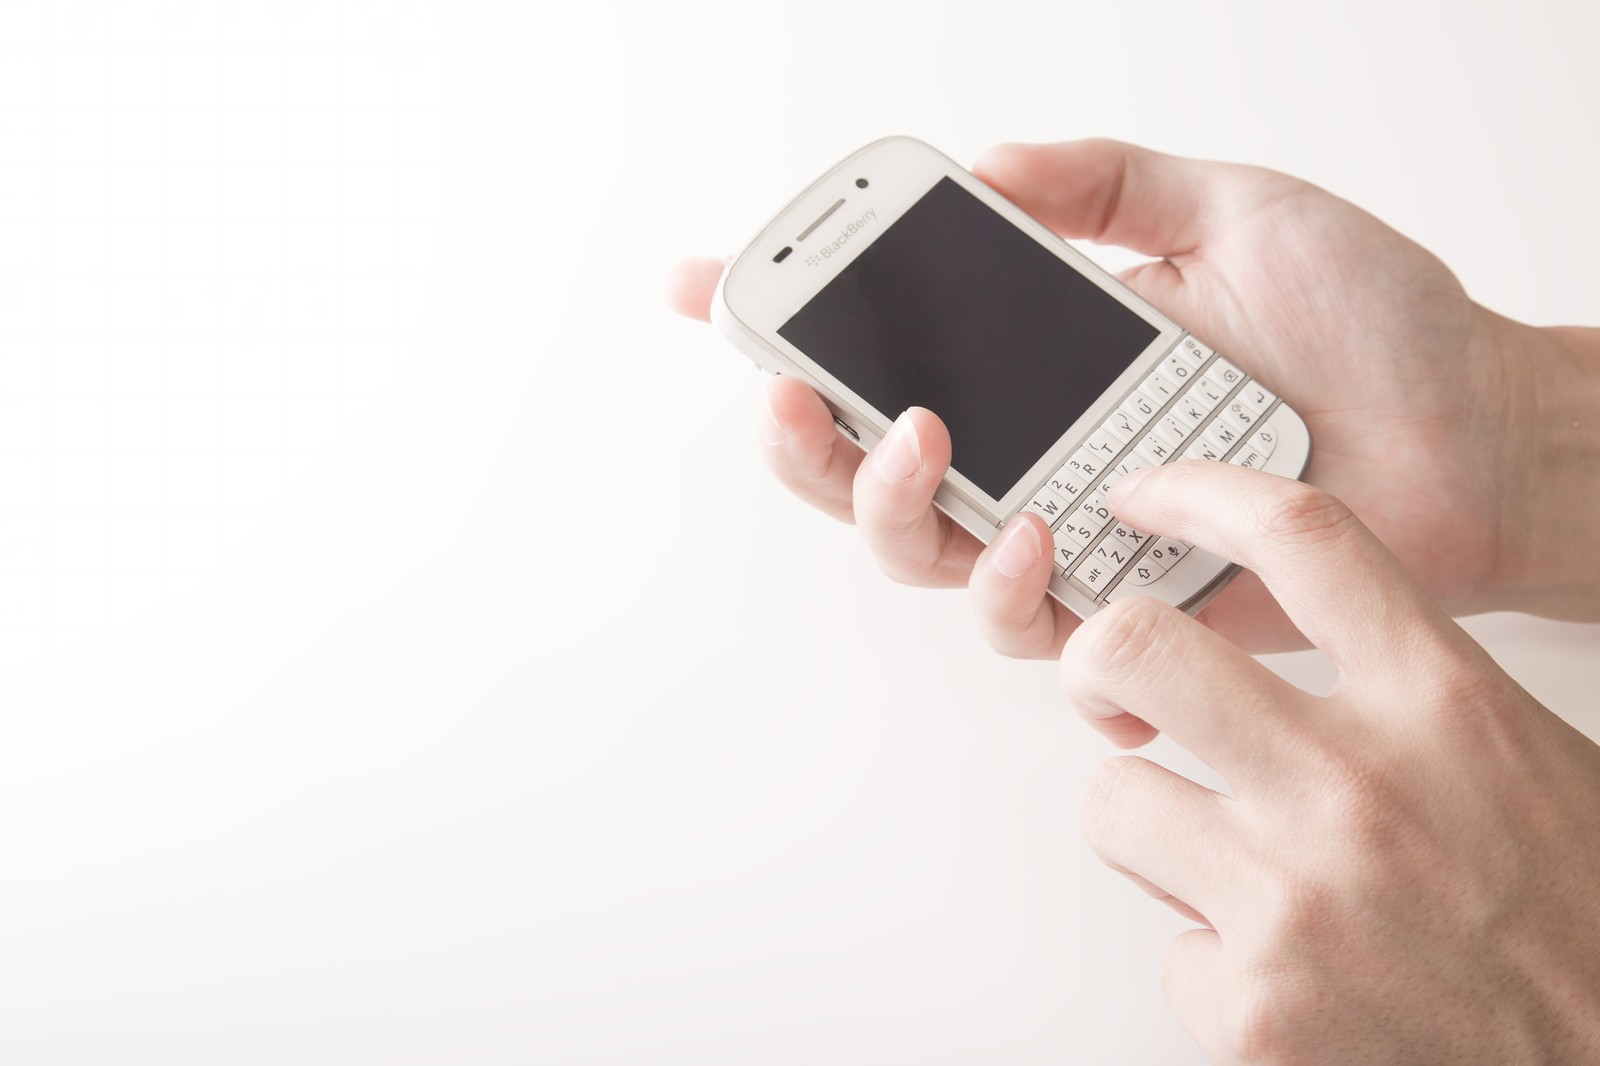 スマートフォンを操作するスマートフォンを操作する